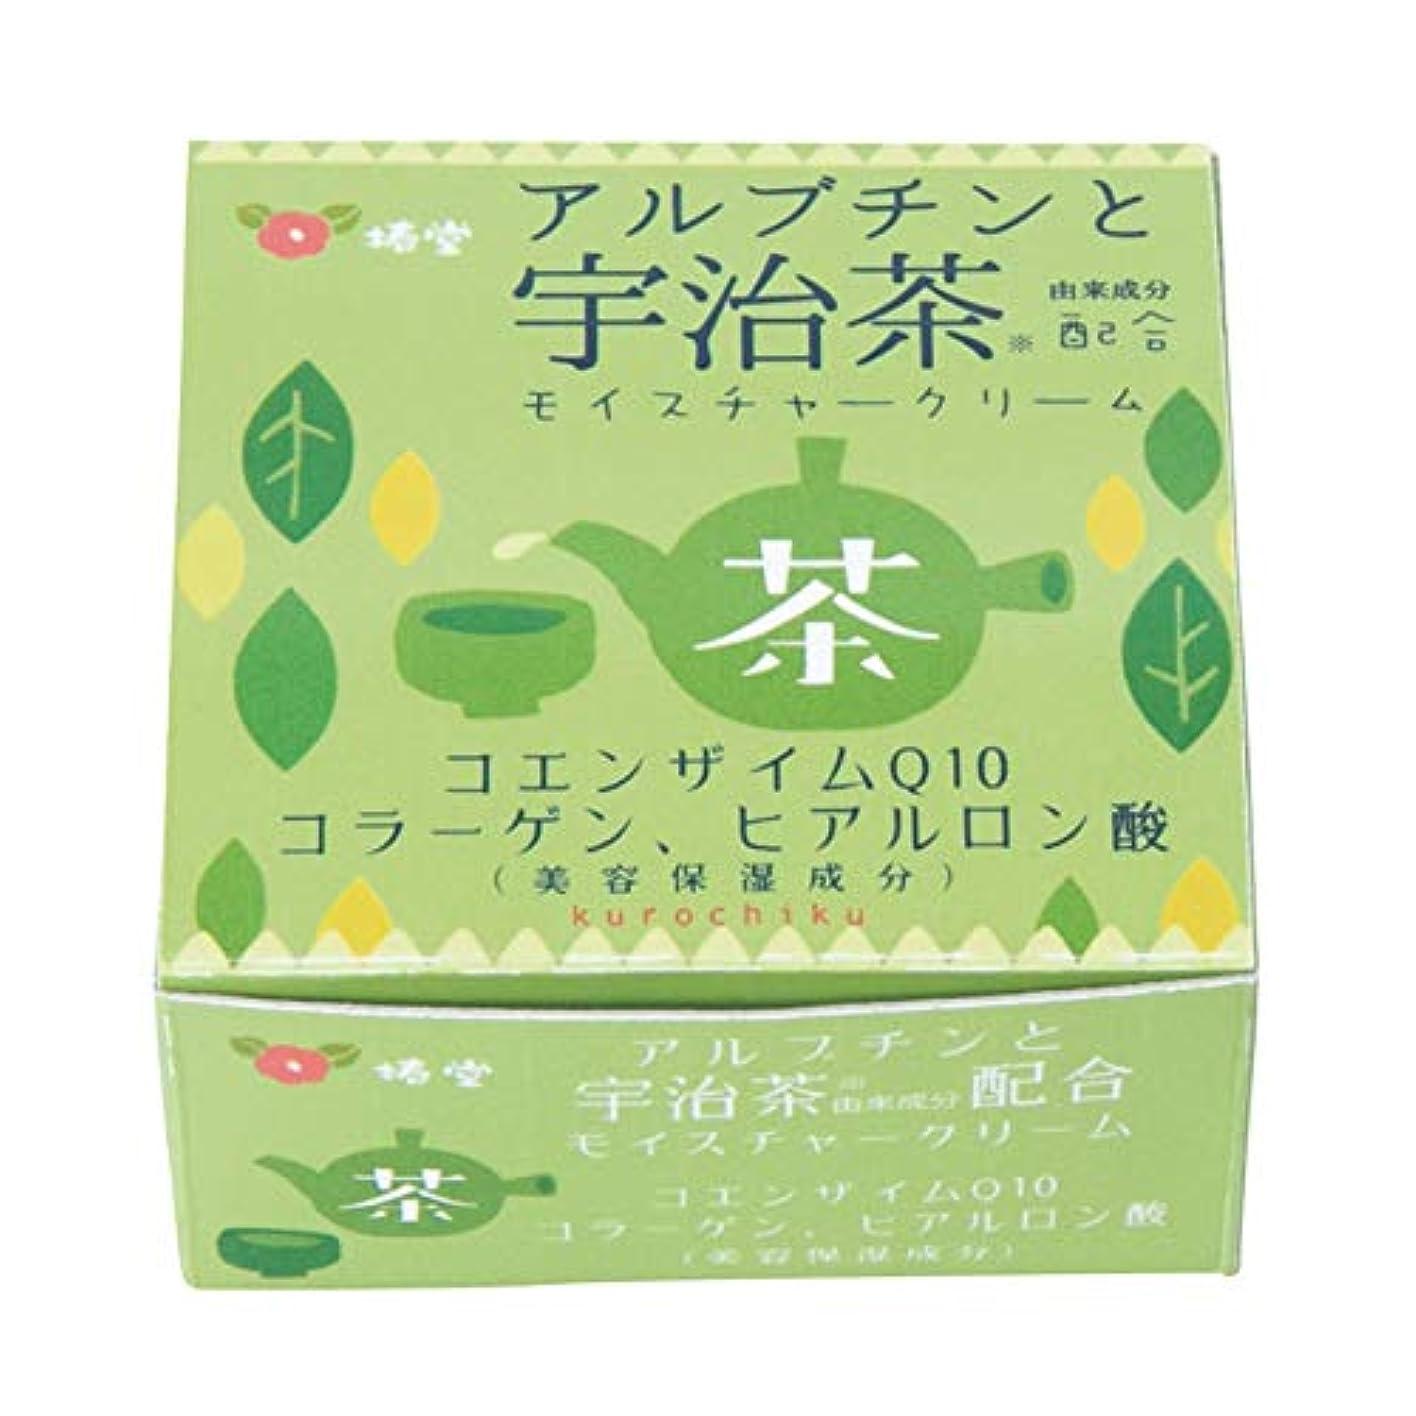 あなたは七面鳥医療の椿堂 宇治茶モイスチャークリーム (アルブチンと宇治茶) 京都くろちく